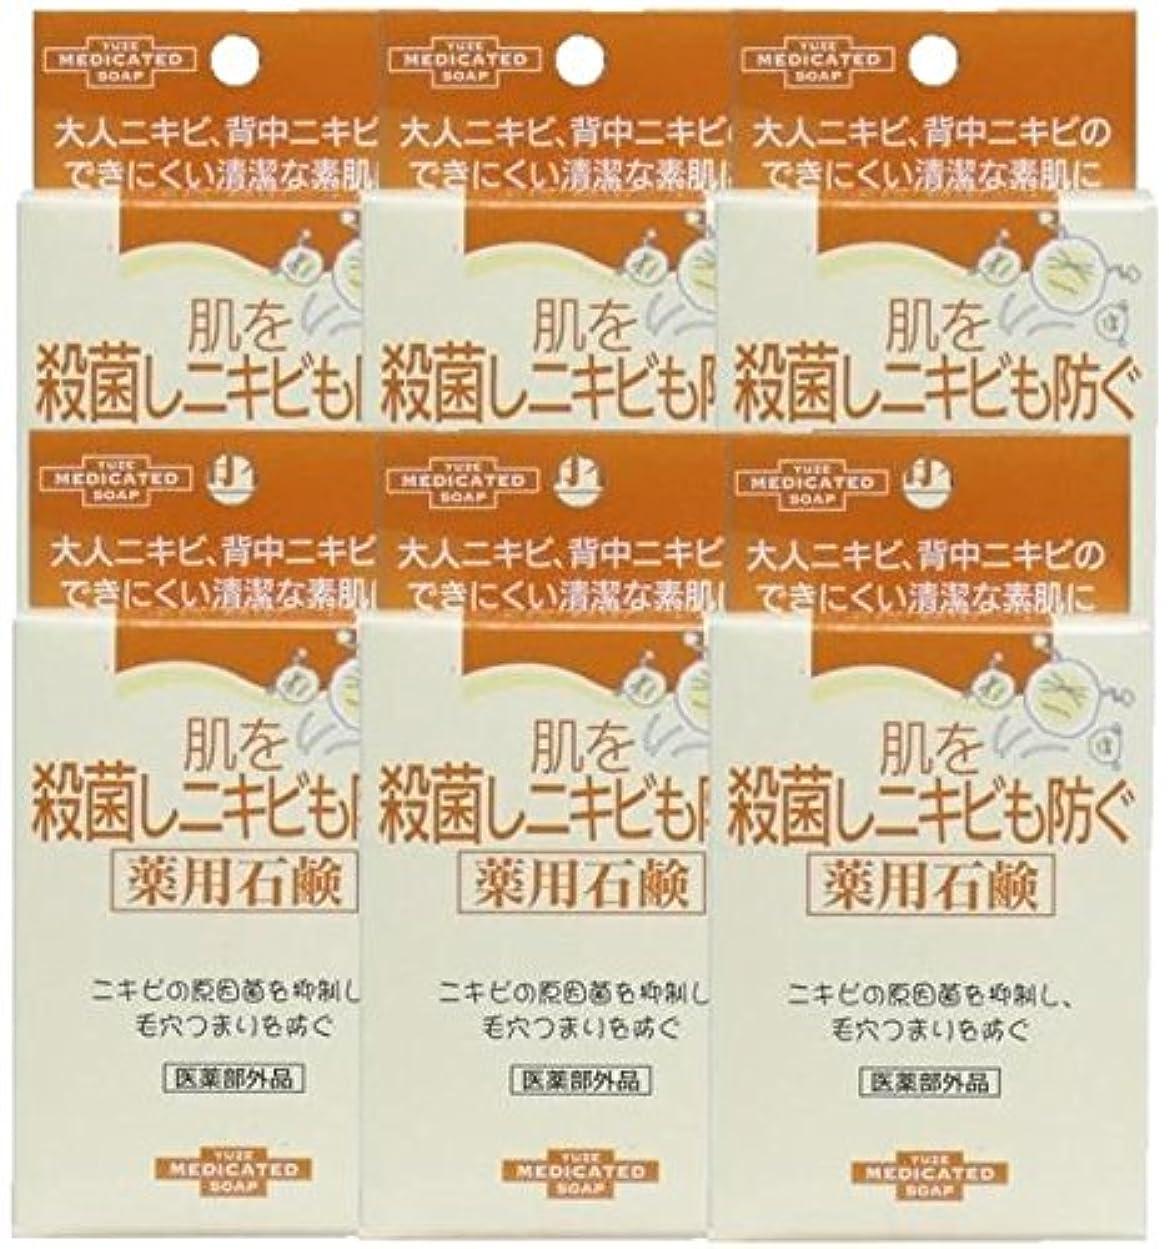 レジ宣言するインデックスユゼ 肌を殺菌しニキビも防ぐ薬用石鹸 (110g)×6個セット